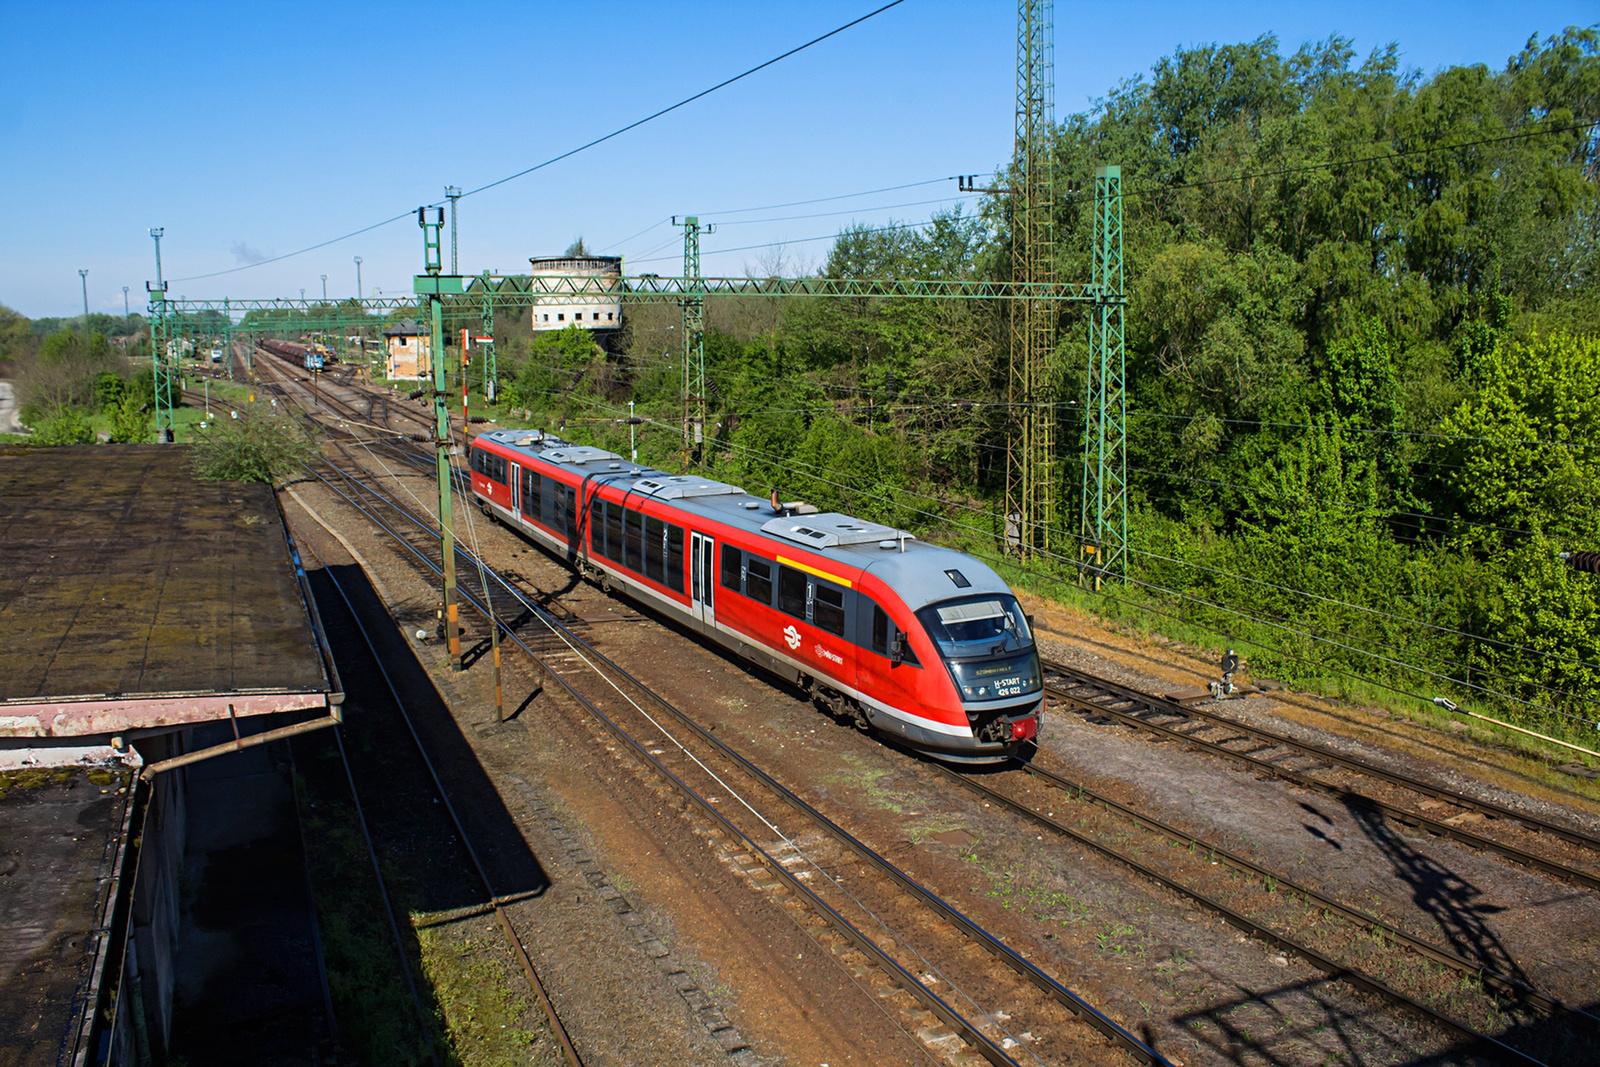 426 022 Murakeresztúr (2021.05.08).01